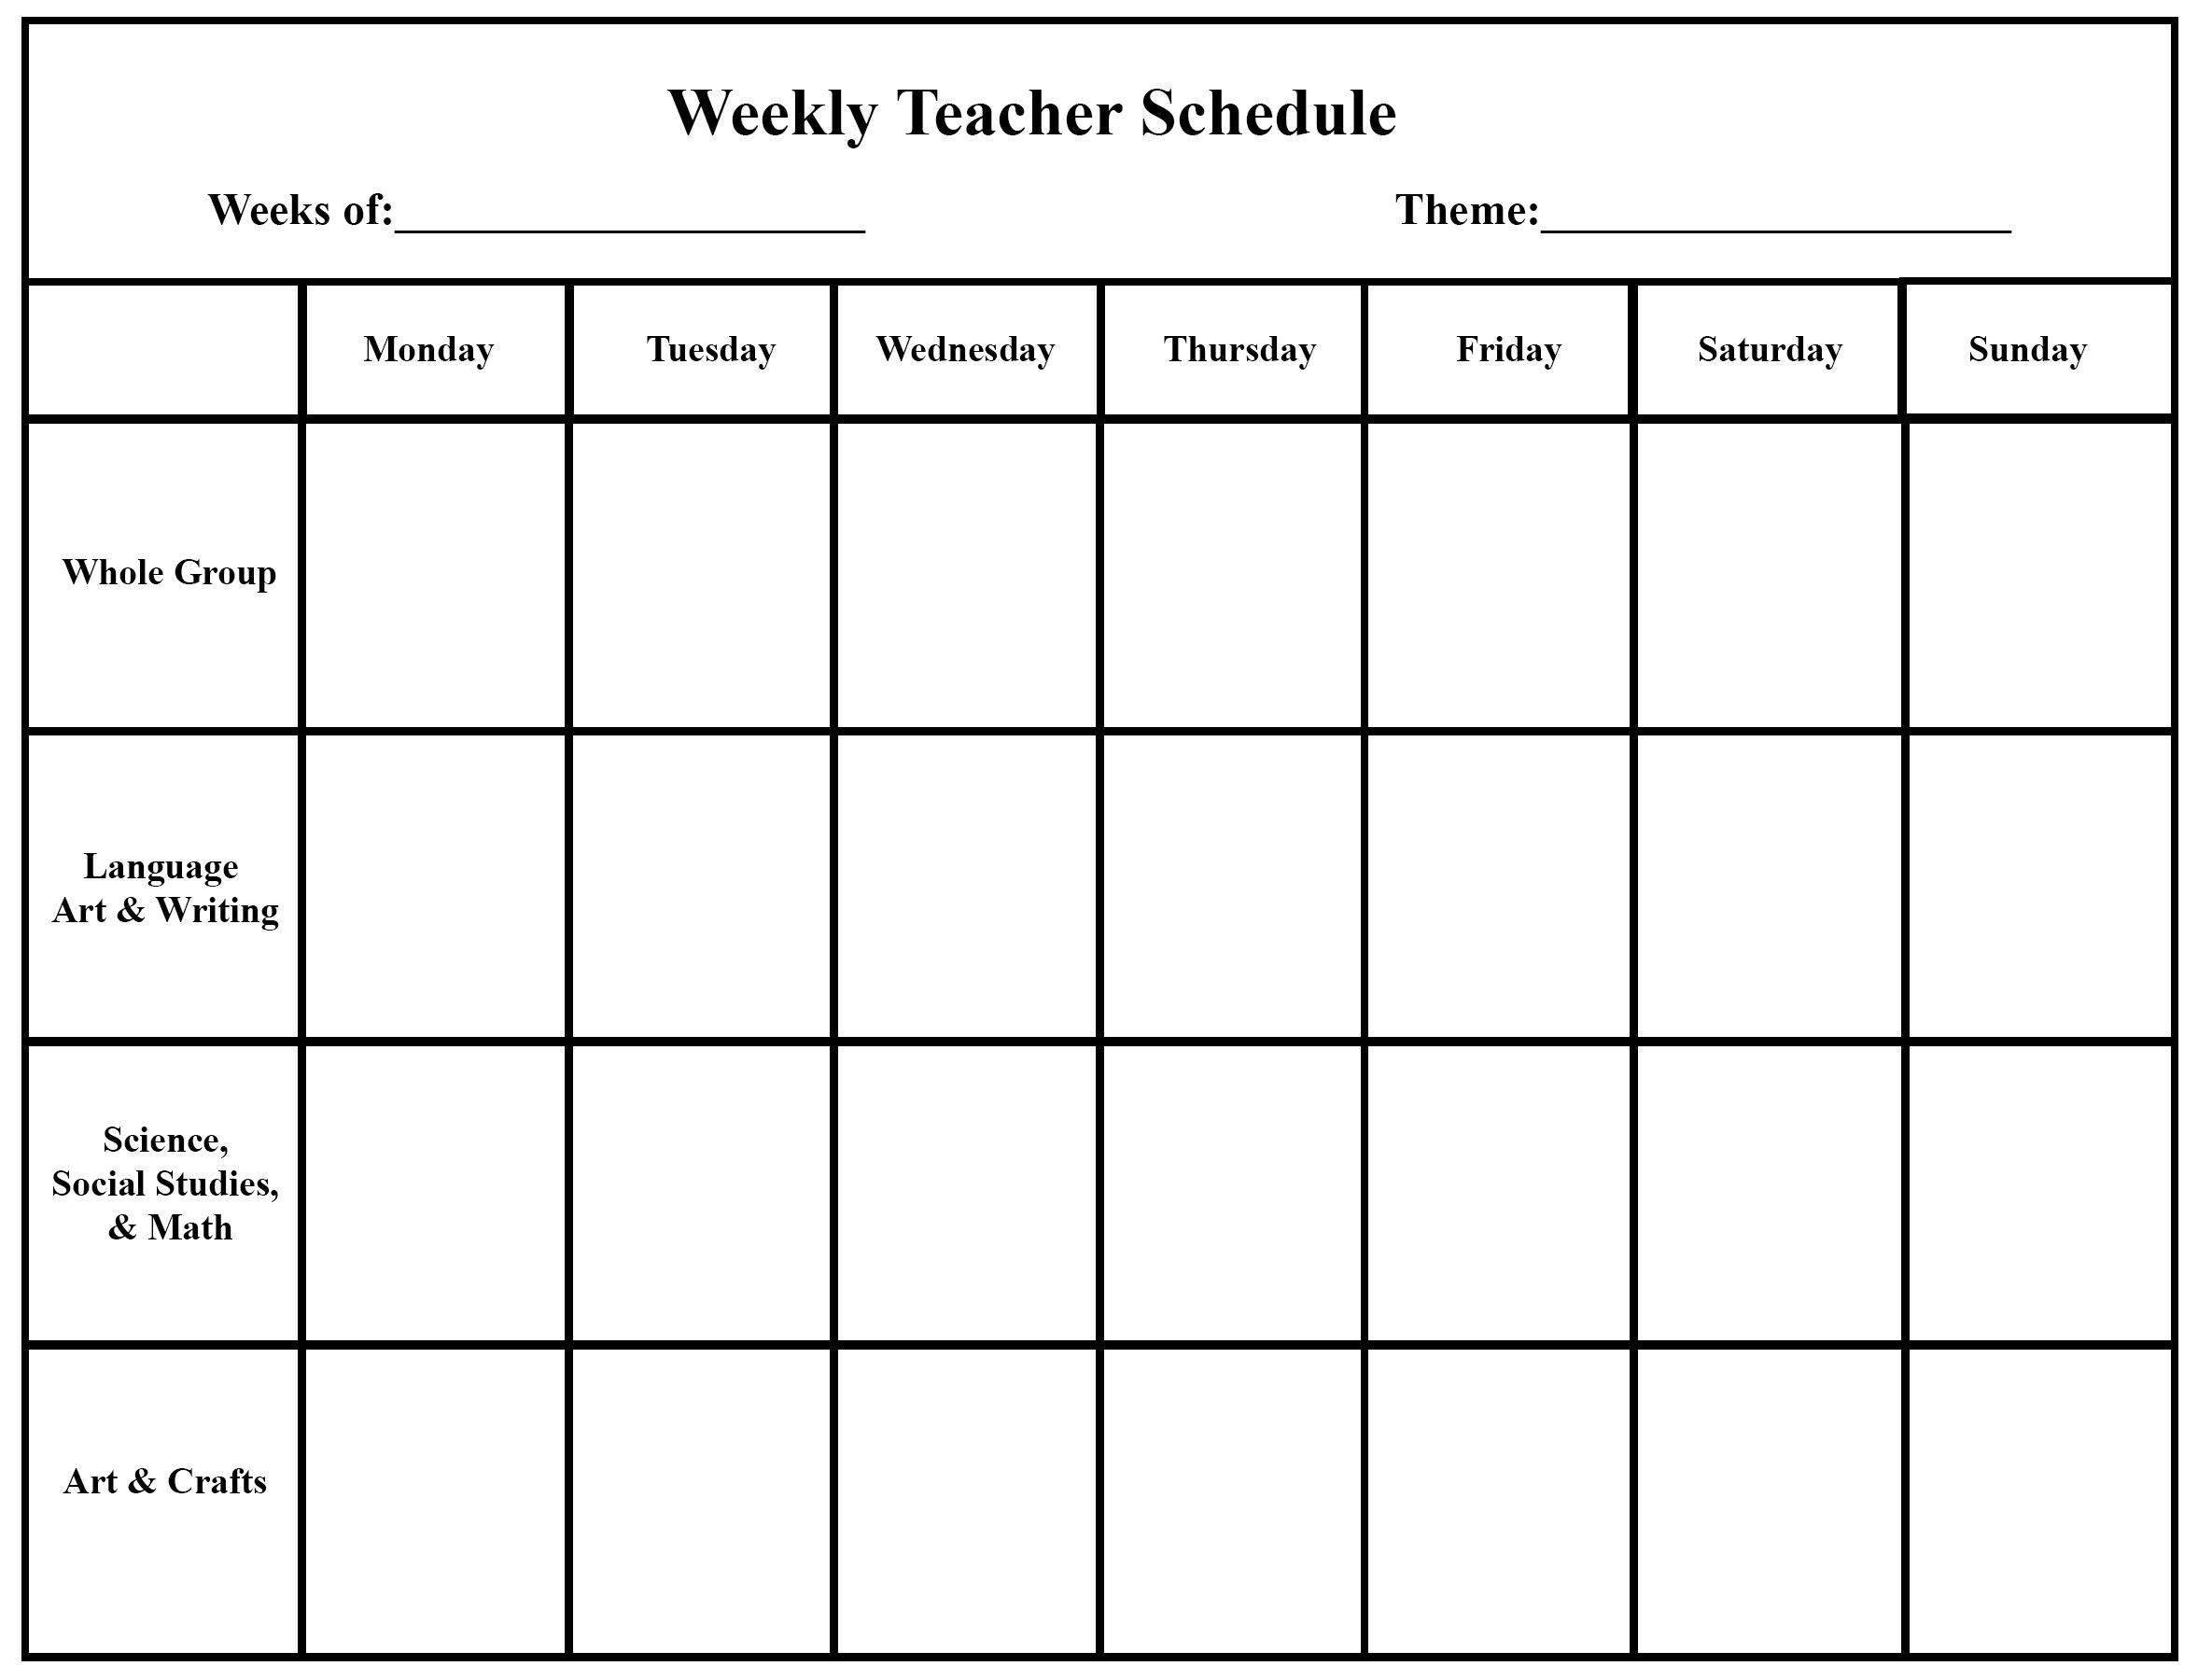 Weekly Schedule Template 4 Week Planner Template Word